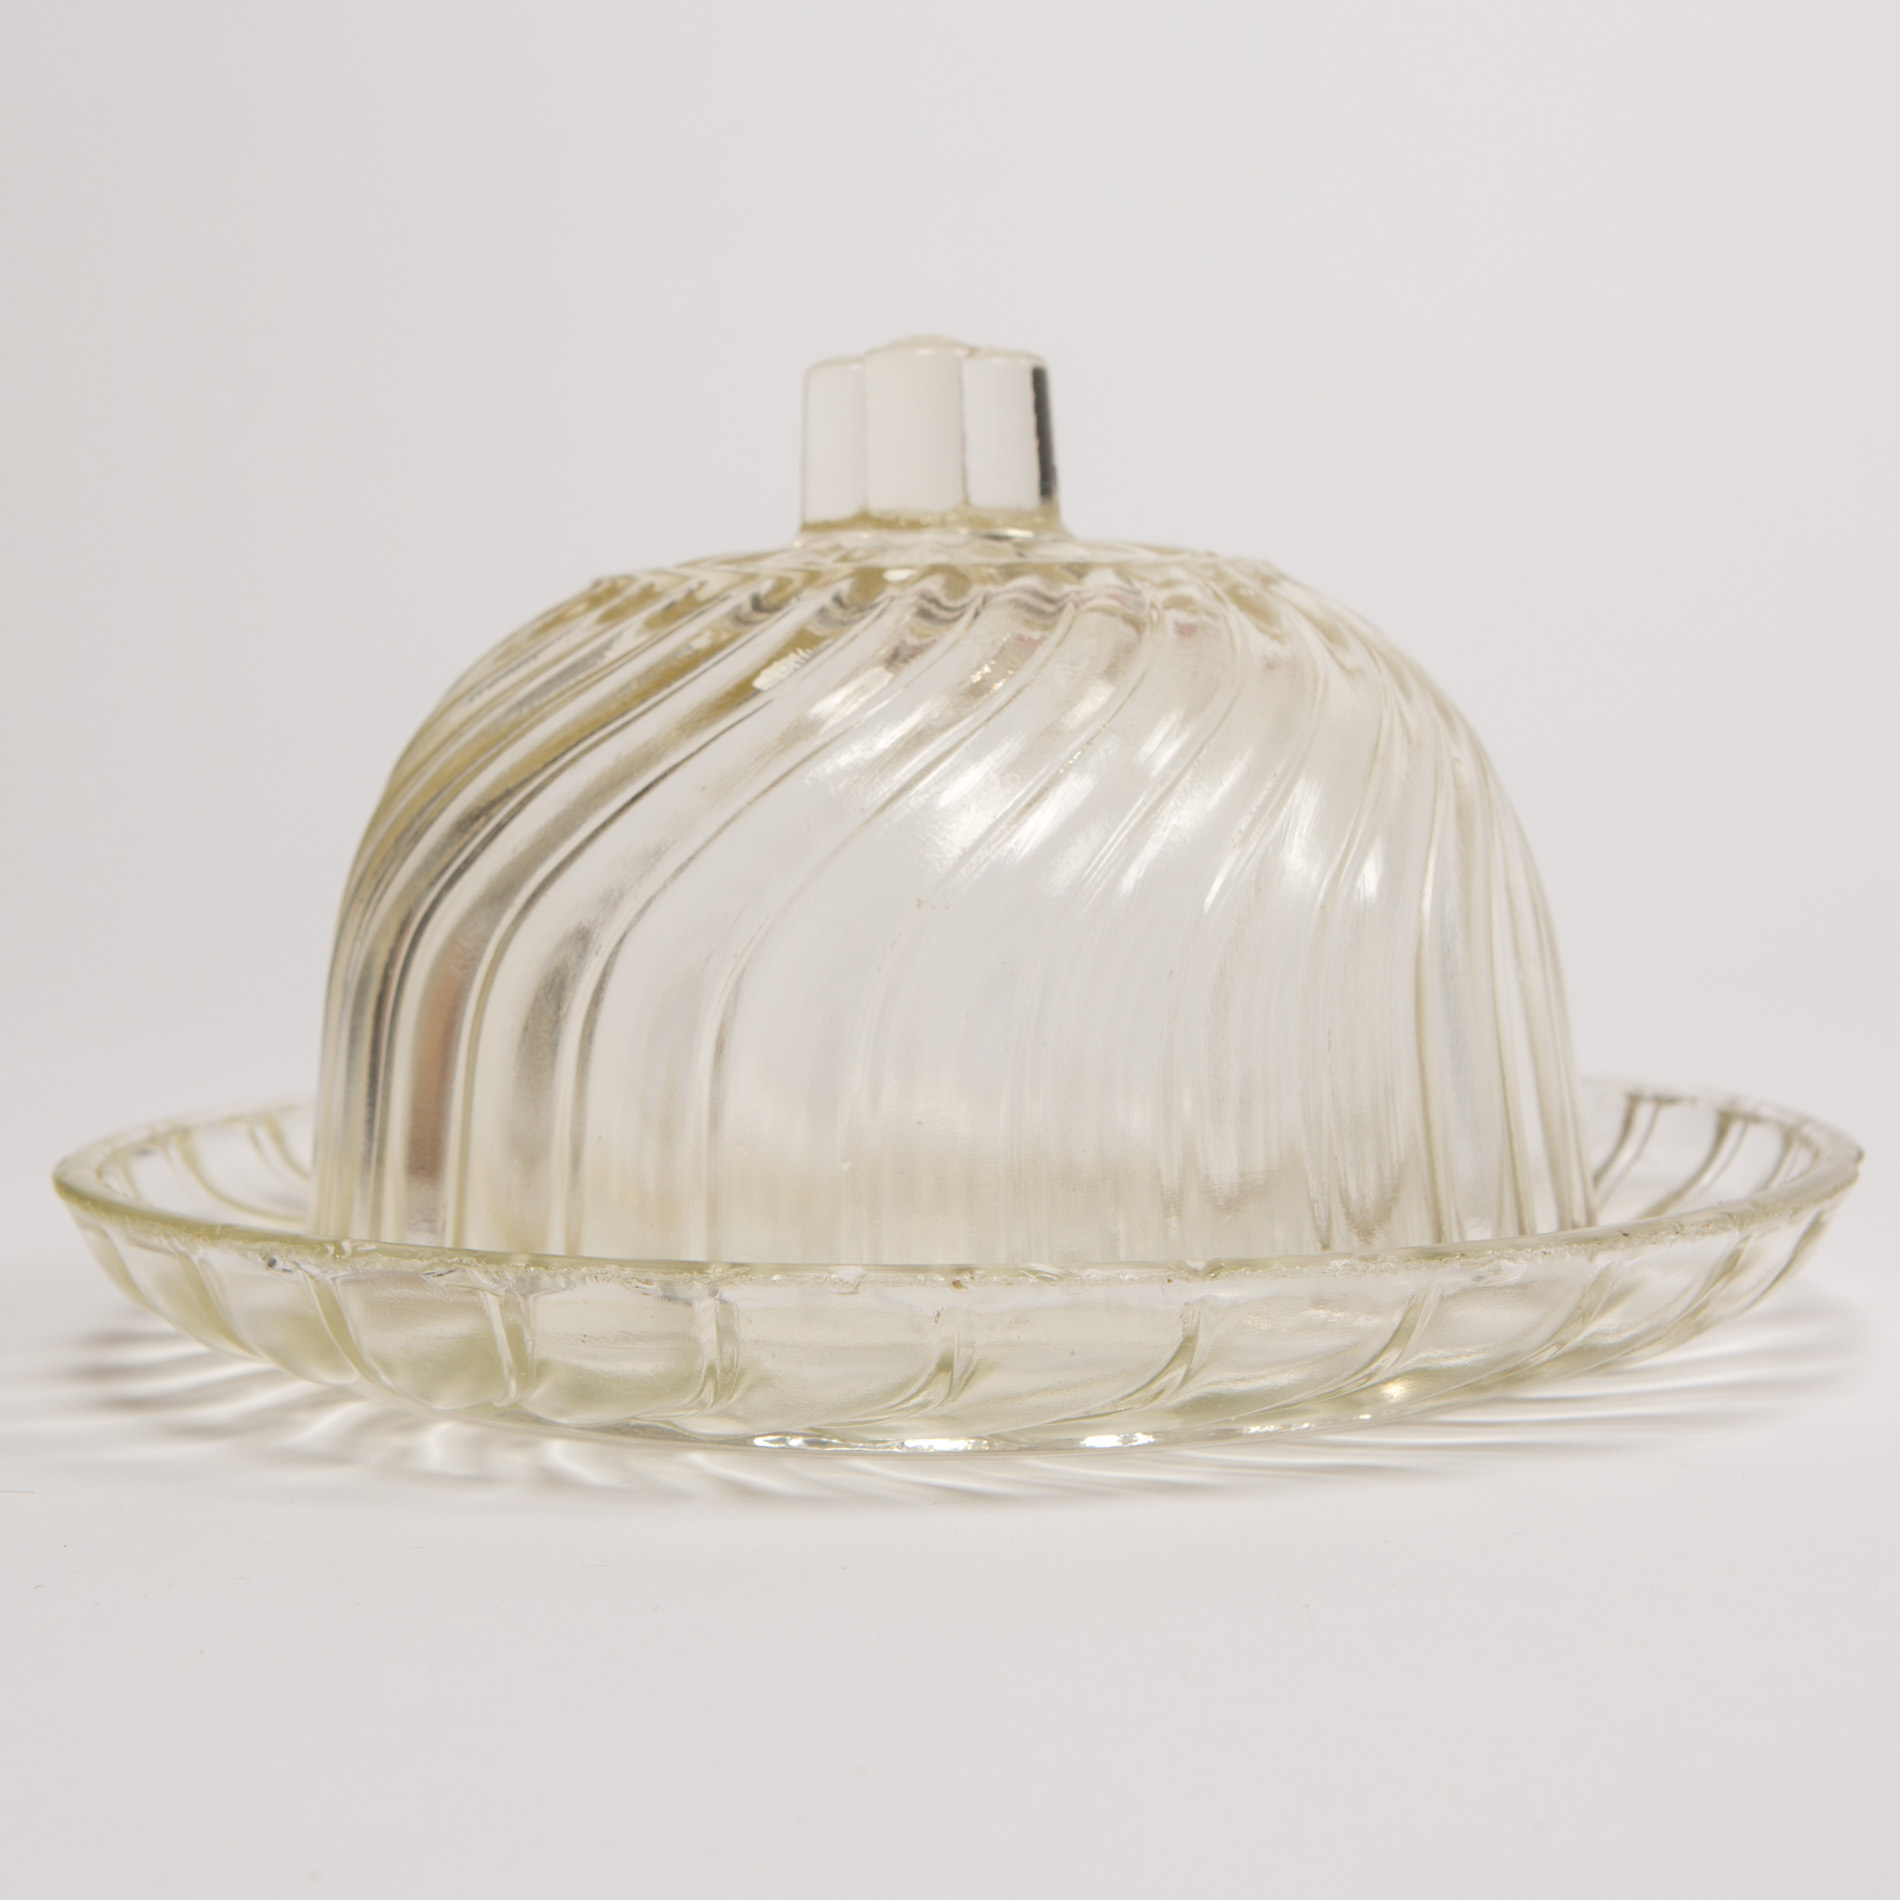 Glass Cheese Dish00005